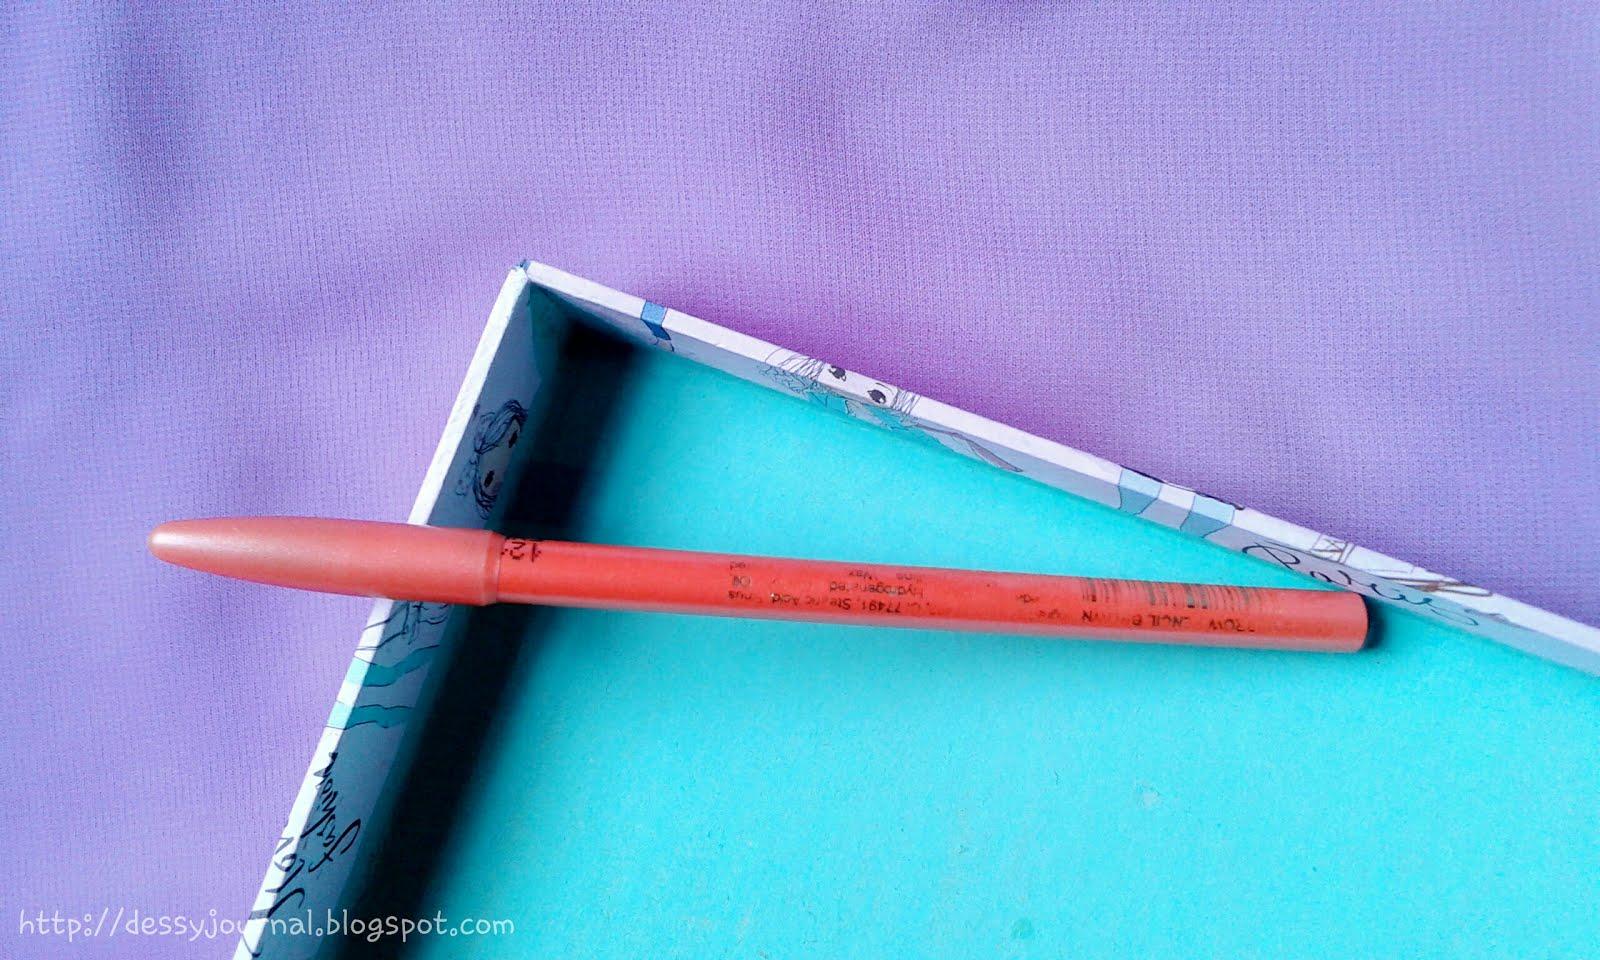 Dessy Journal Review Battle Pensil Alis Viva Eyebrow Pencil Original Brown Ini Adalah Sejuta Umat Saking Larisnya Biar Produk Lokal Dan Harganya Terjangkau Banyak Dipalsuin Lho